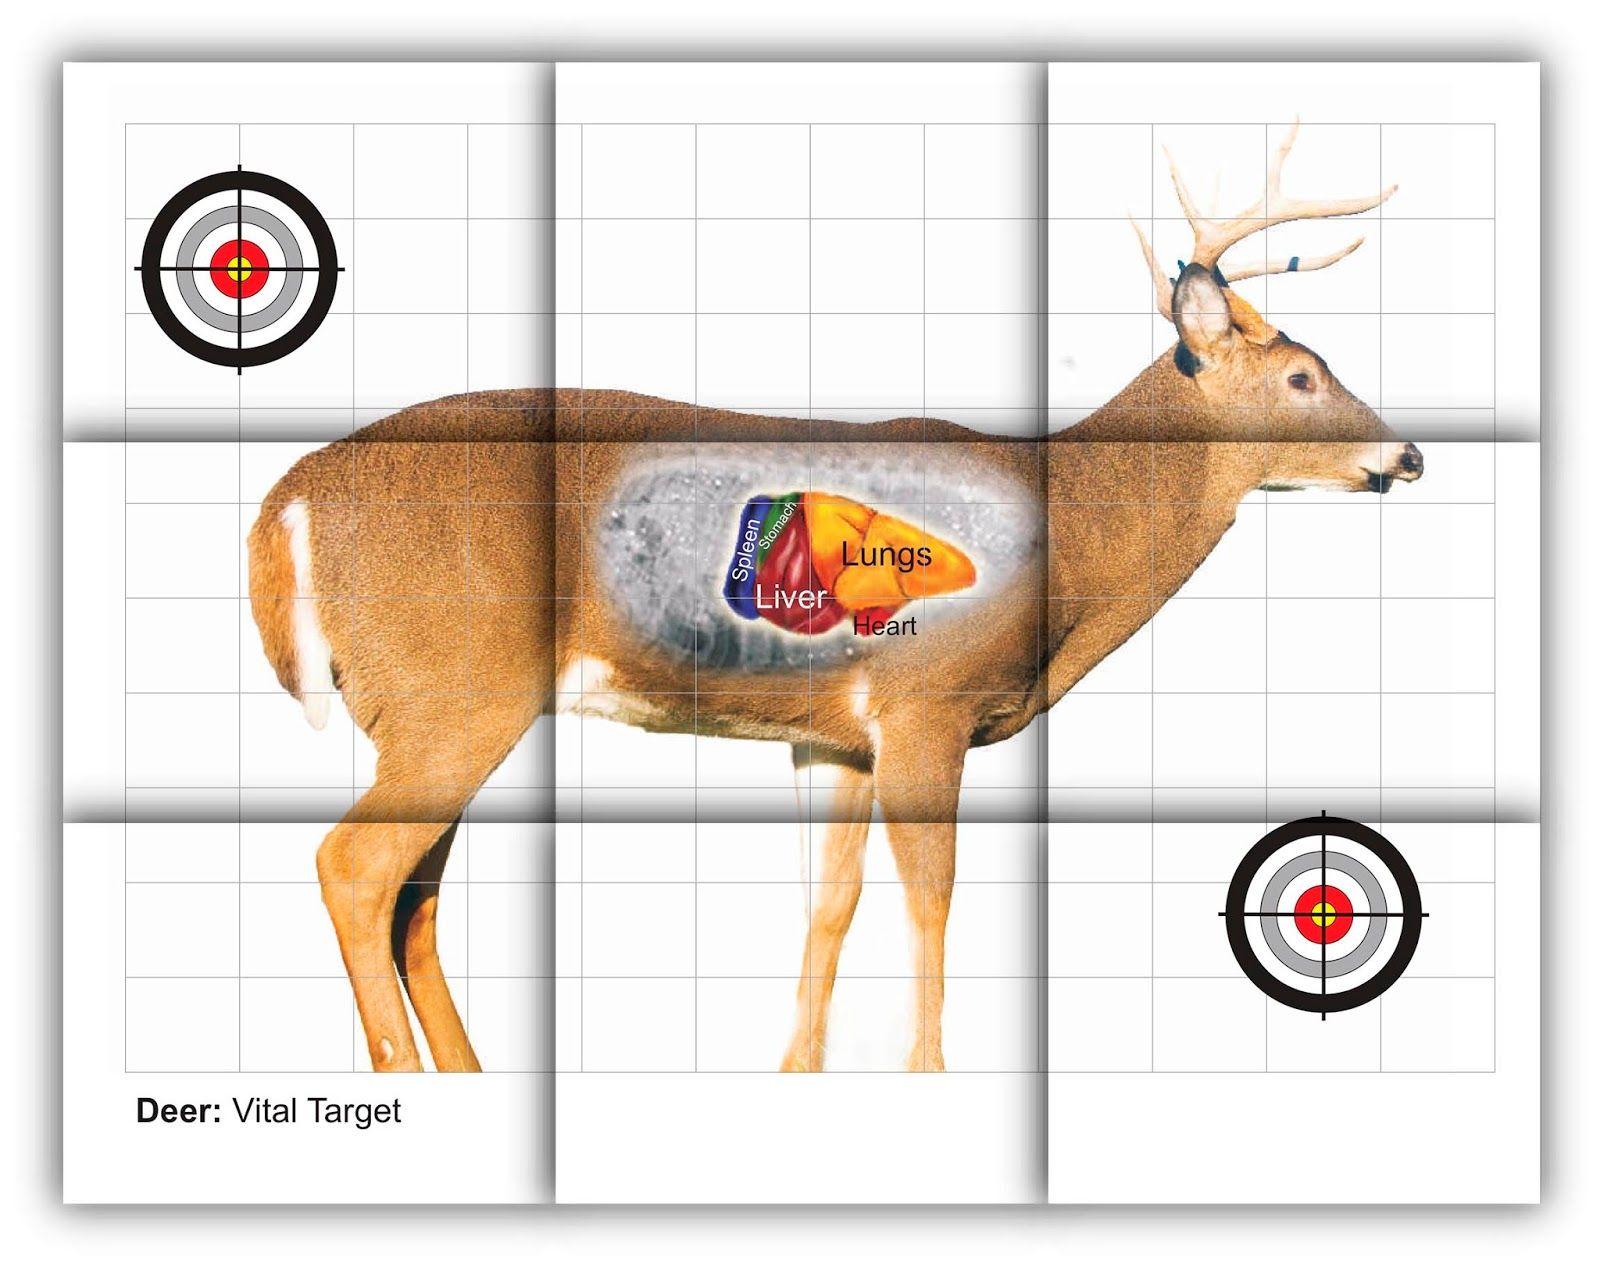 deer vitals target | free printable shooting targets | Pinterest ...